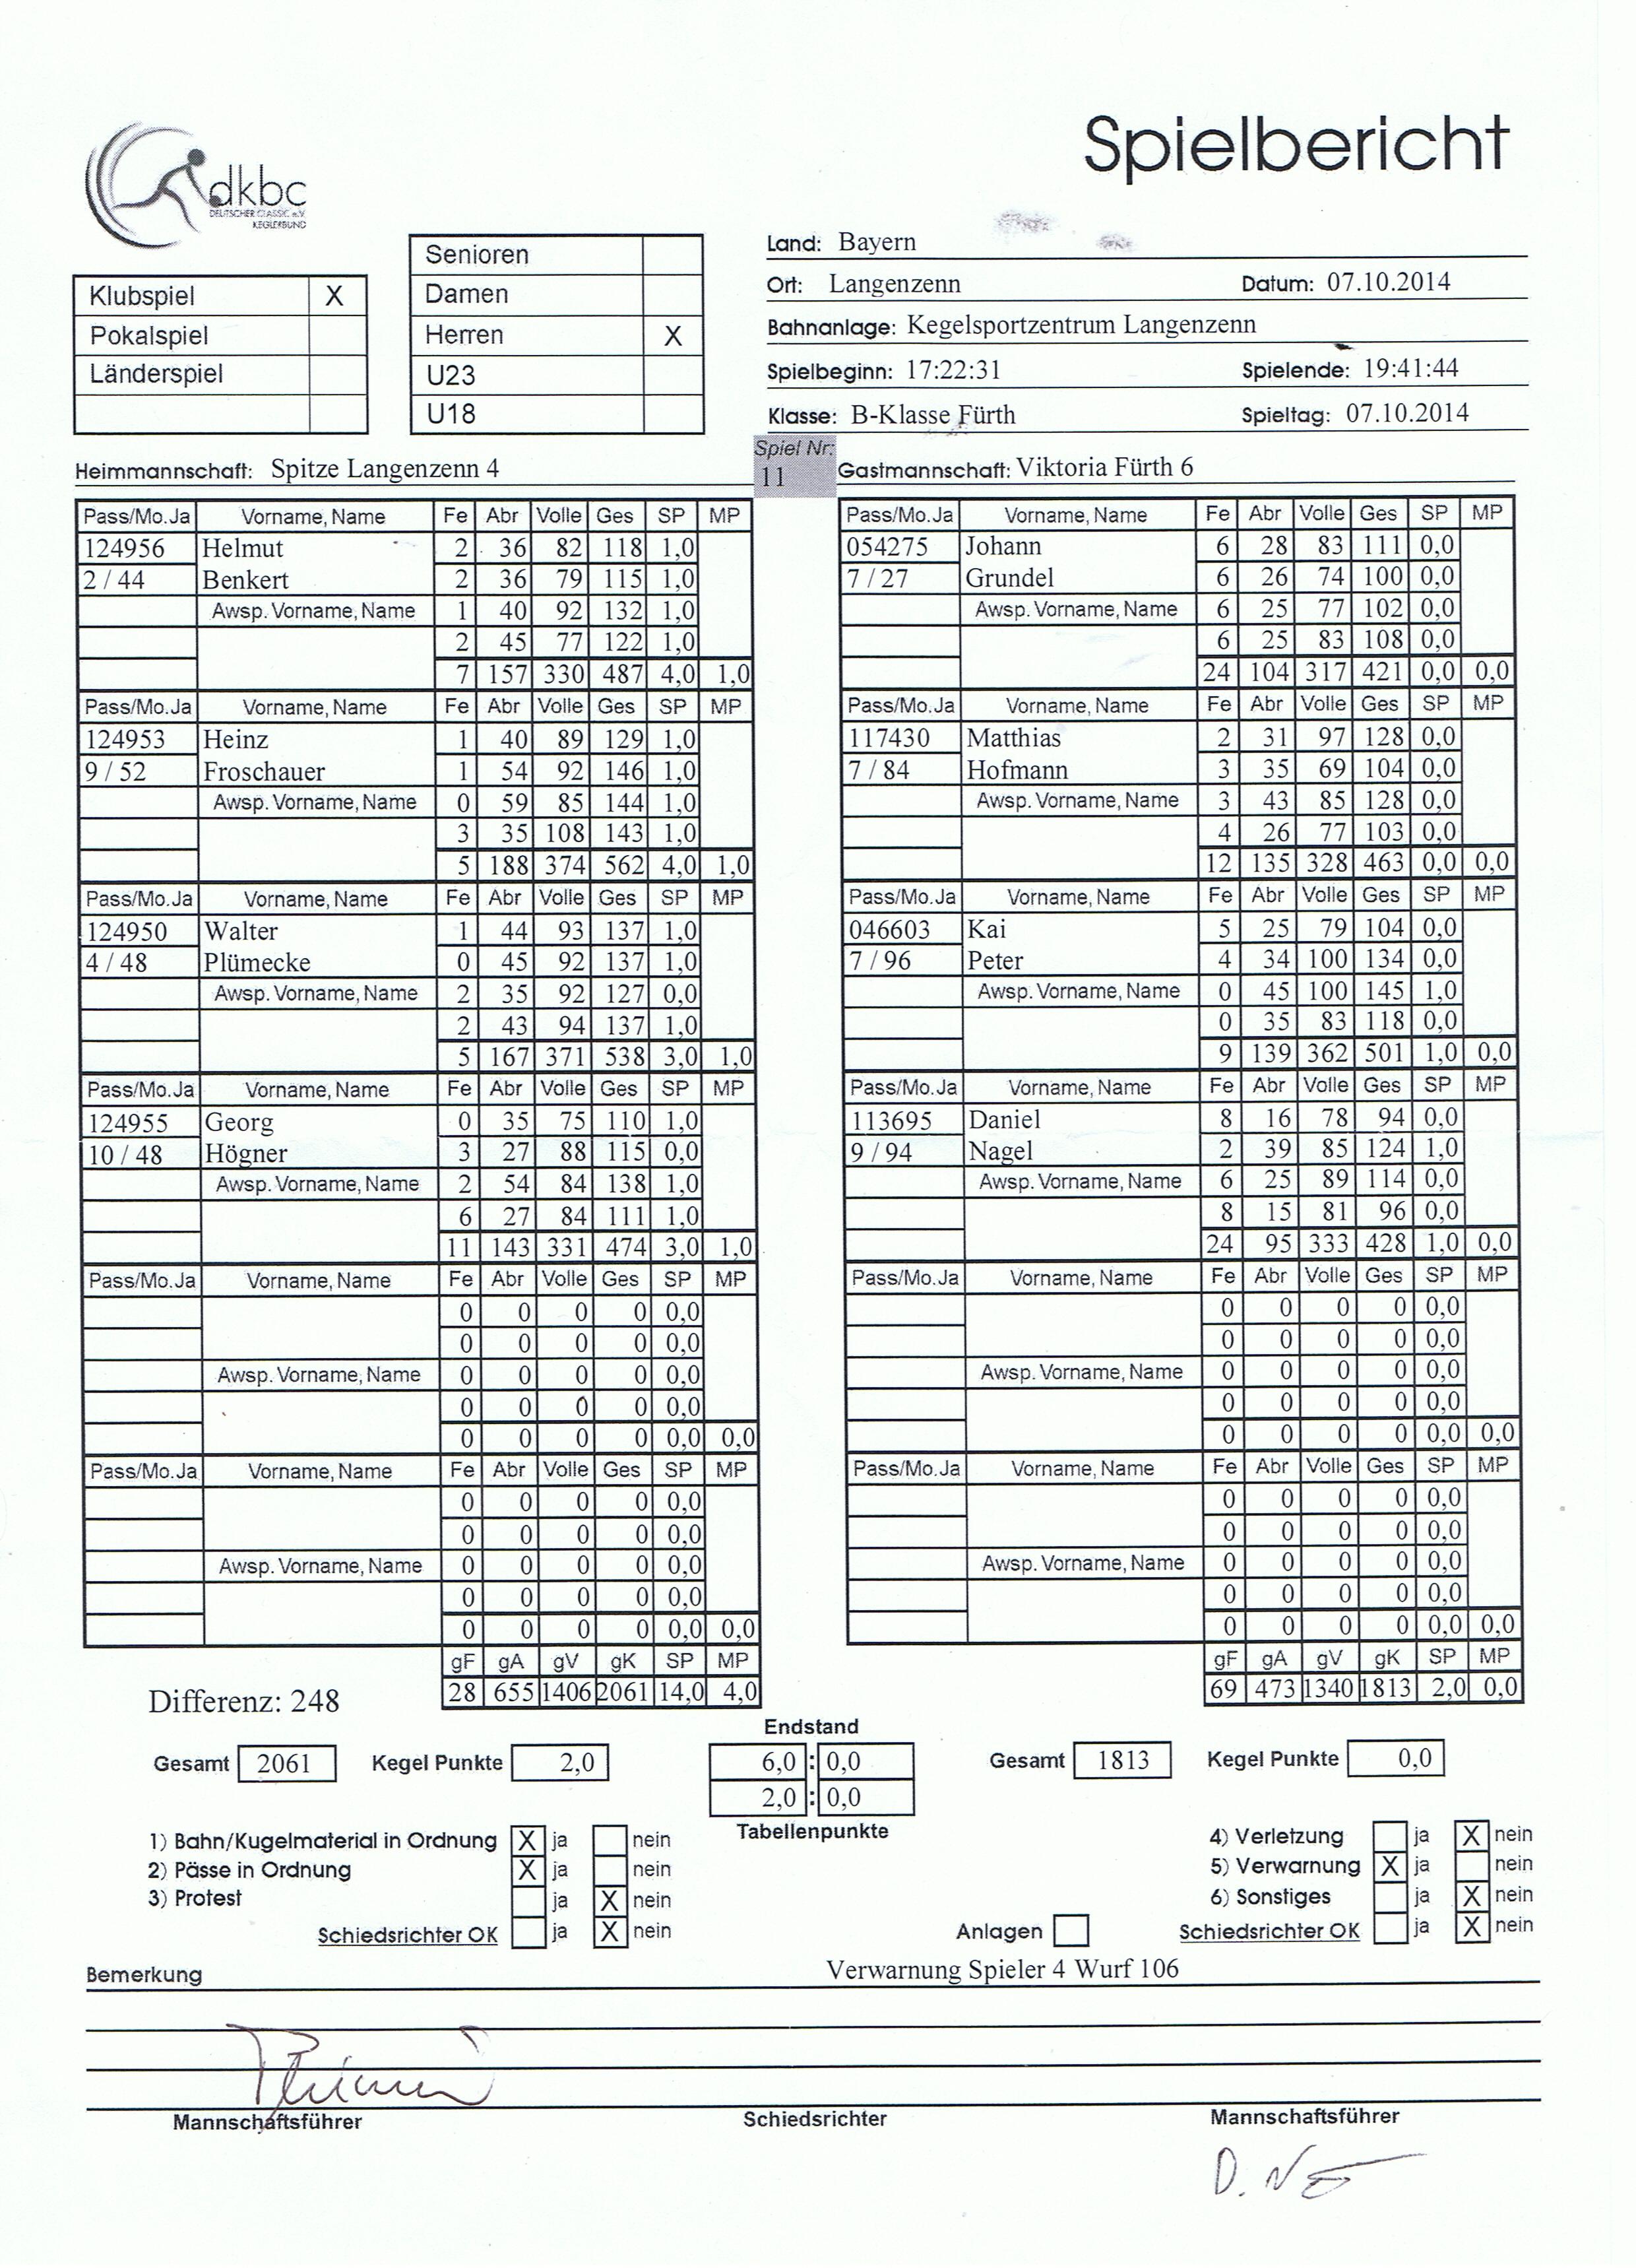 SpitzeLgz4-V6